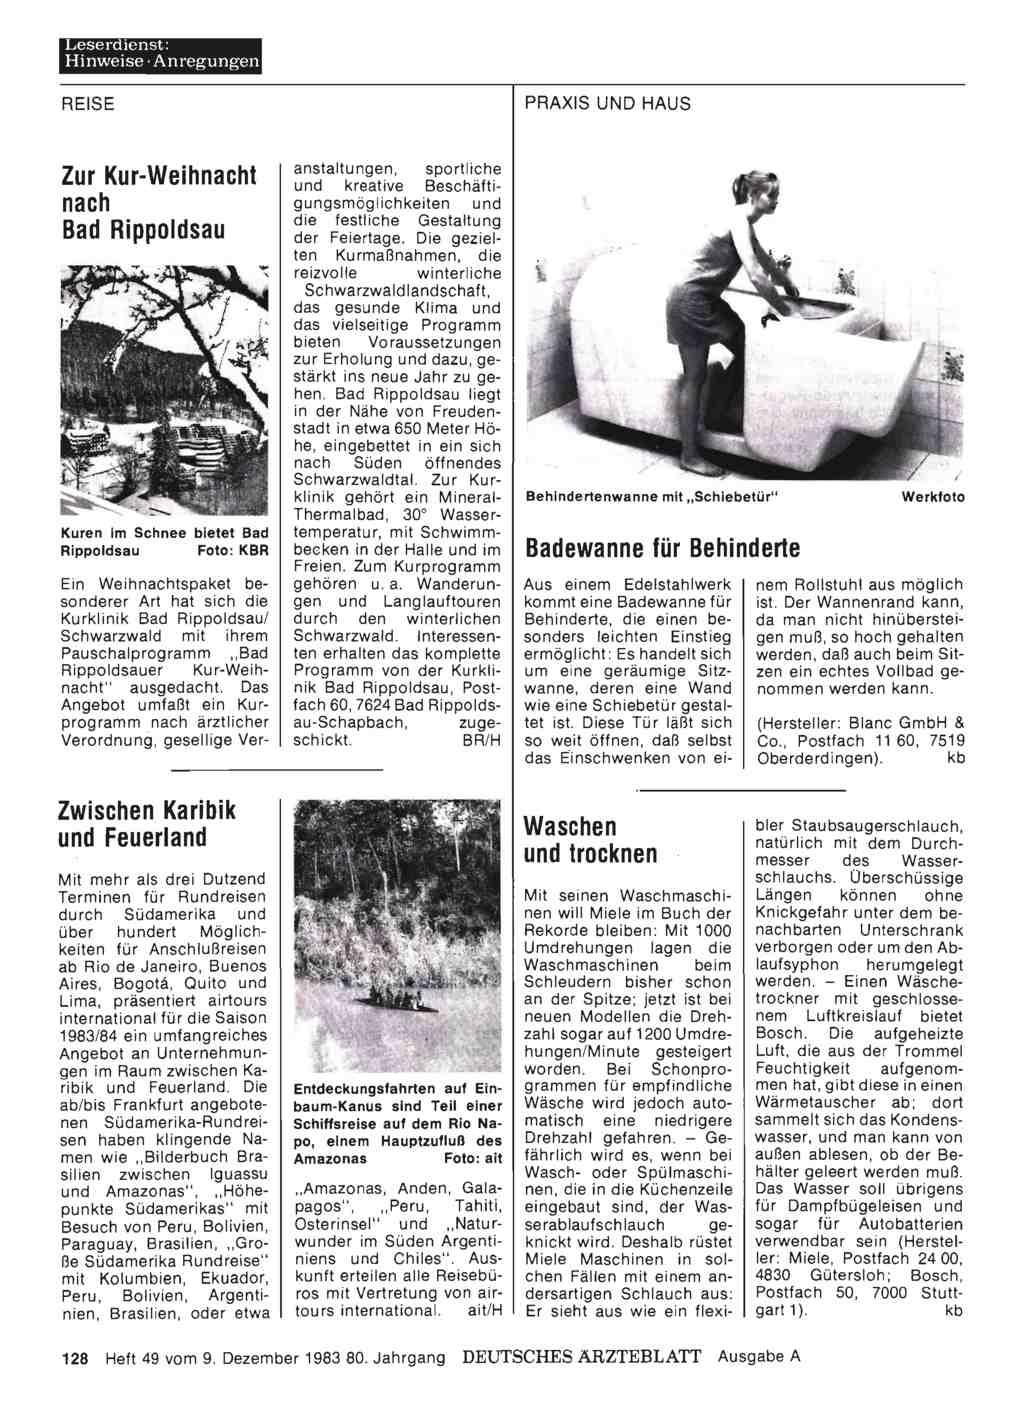 badewanne f r behinderte dtsch arztebl 1983 80 49. Black Bedroom Furniture Sets. Home Design Ideas